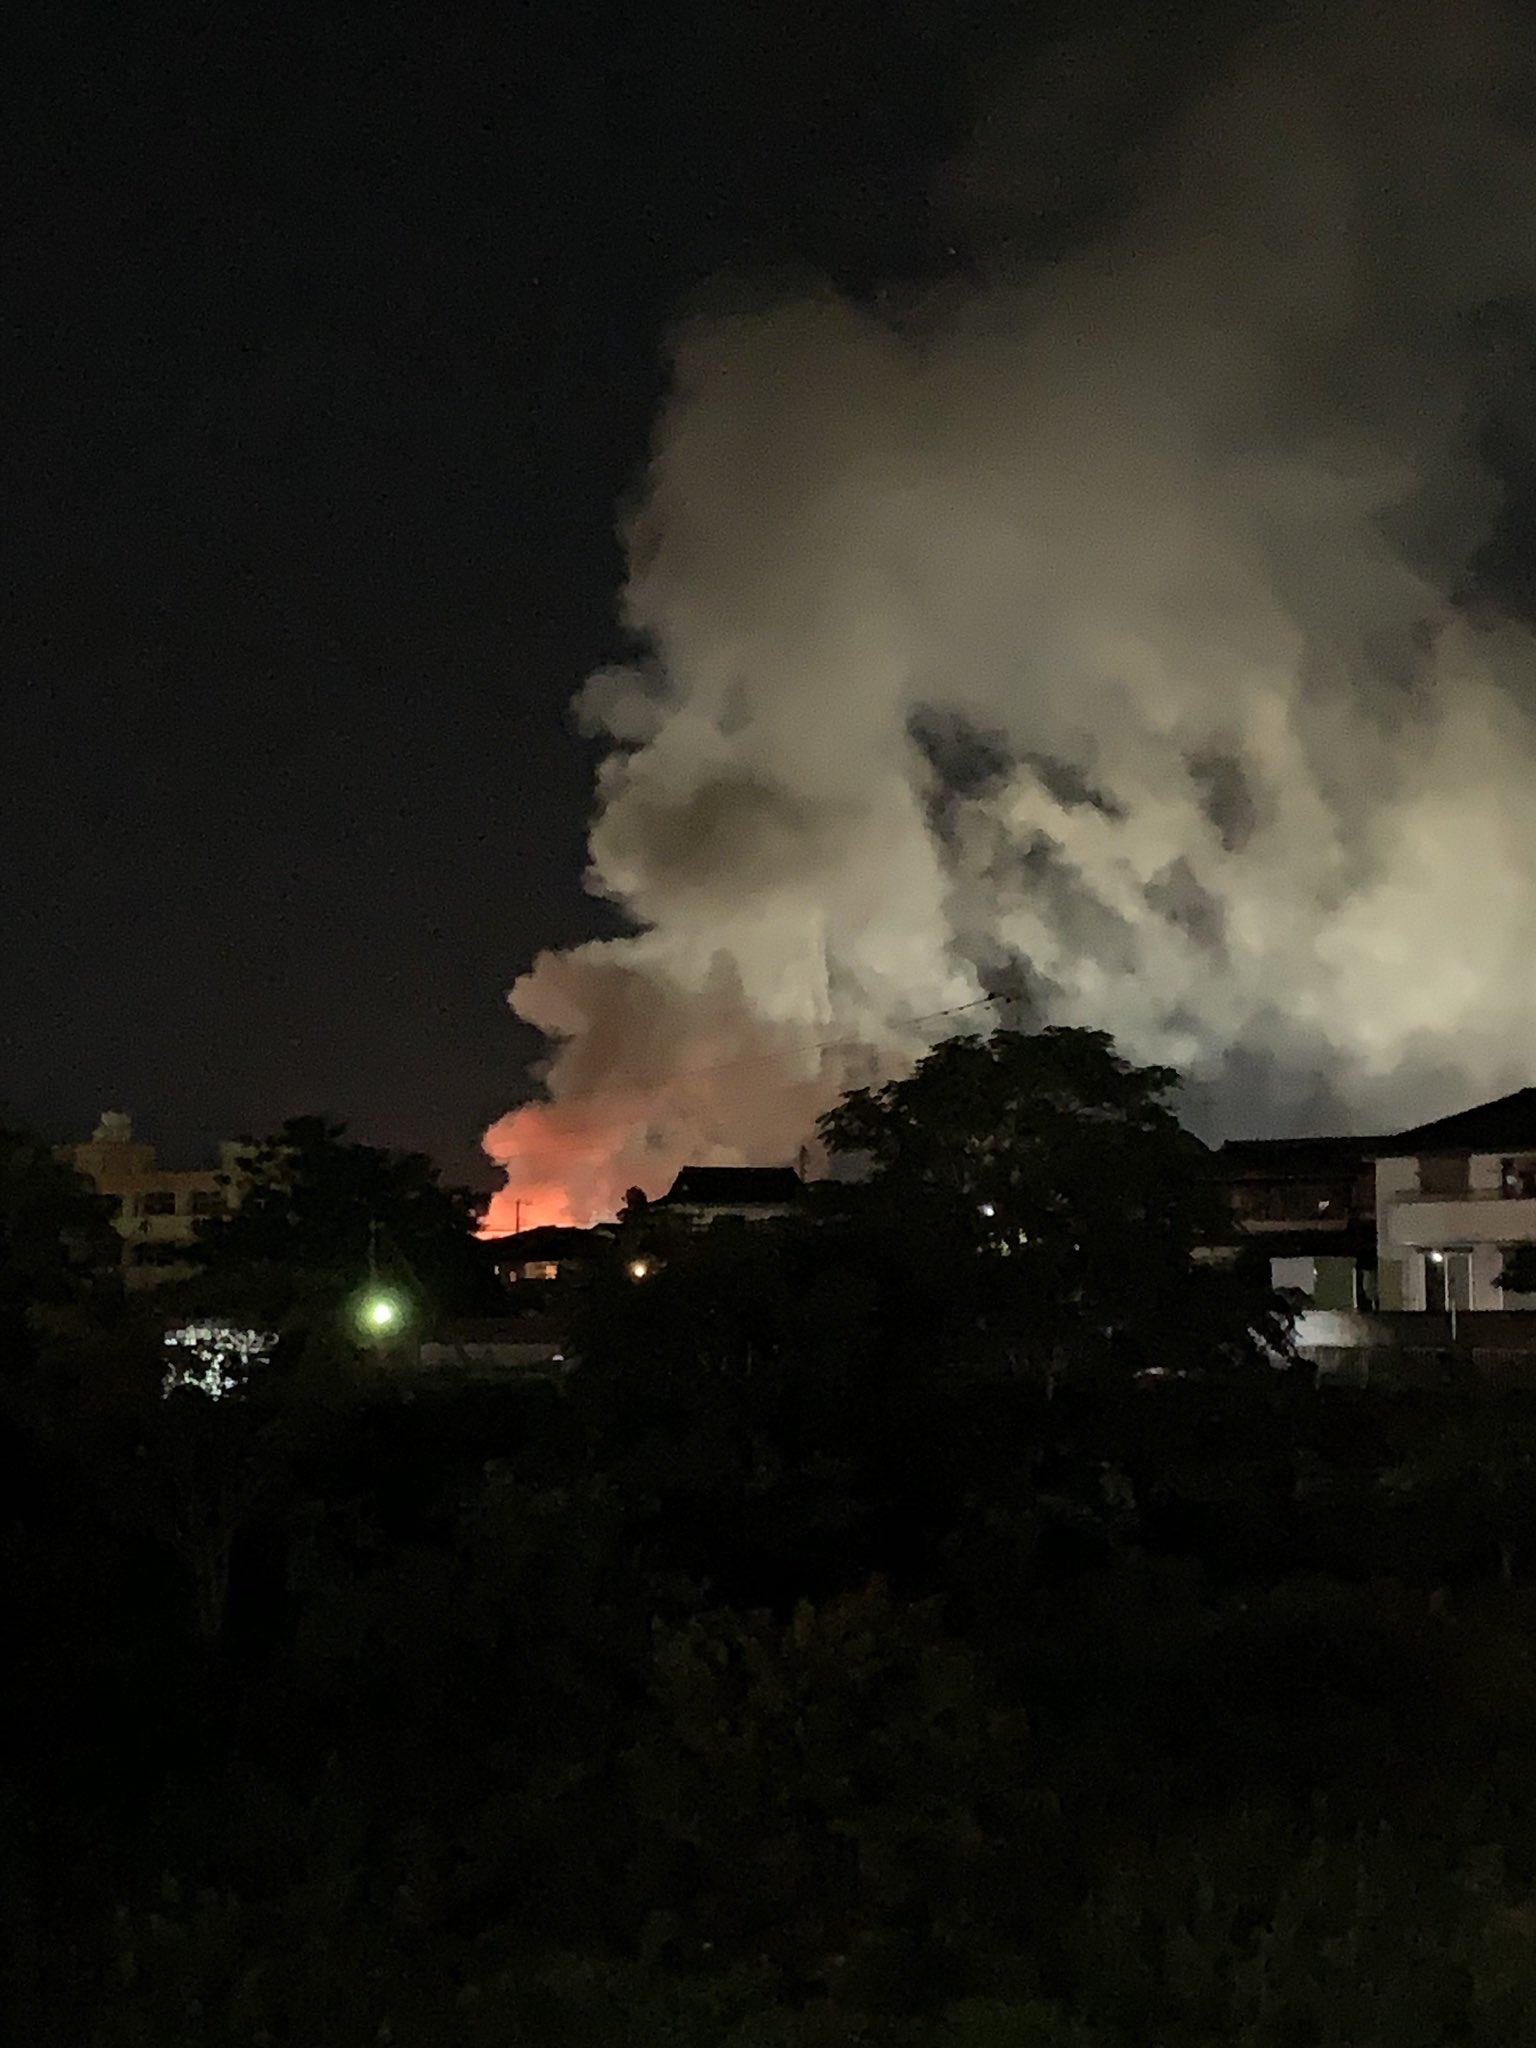 入間市野田で火事が起きている現場の画像